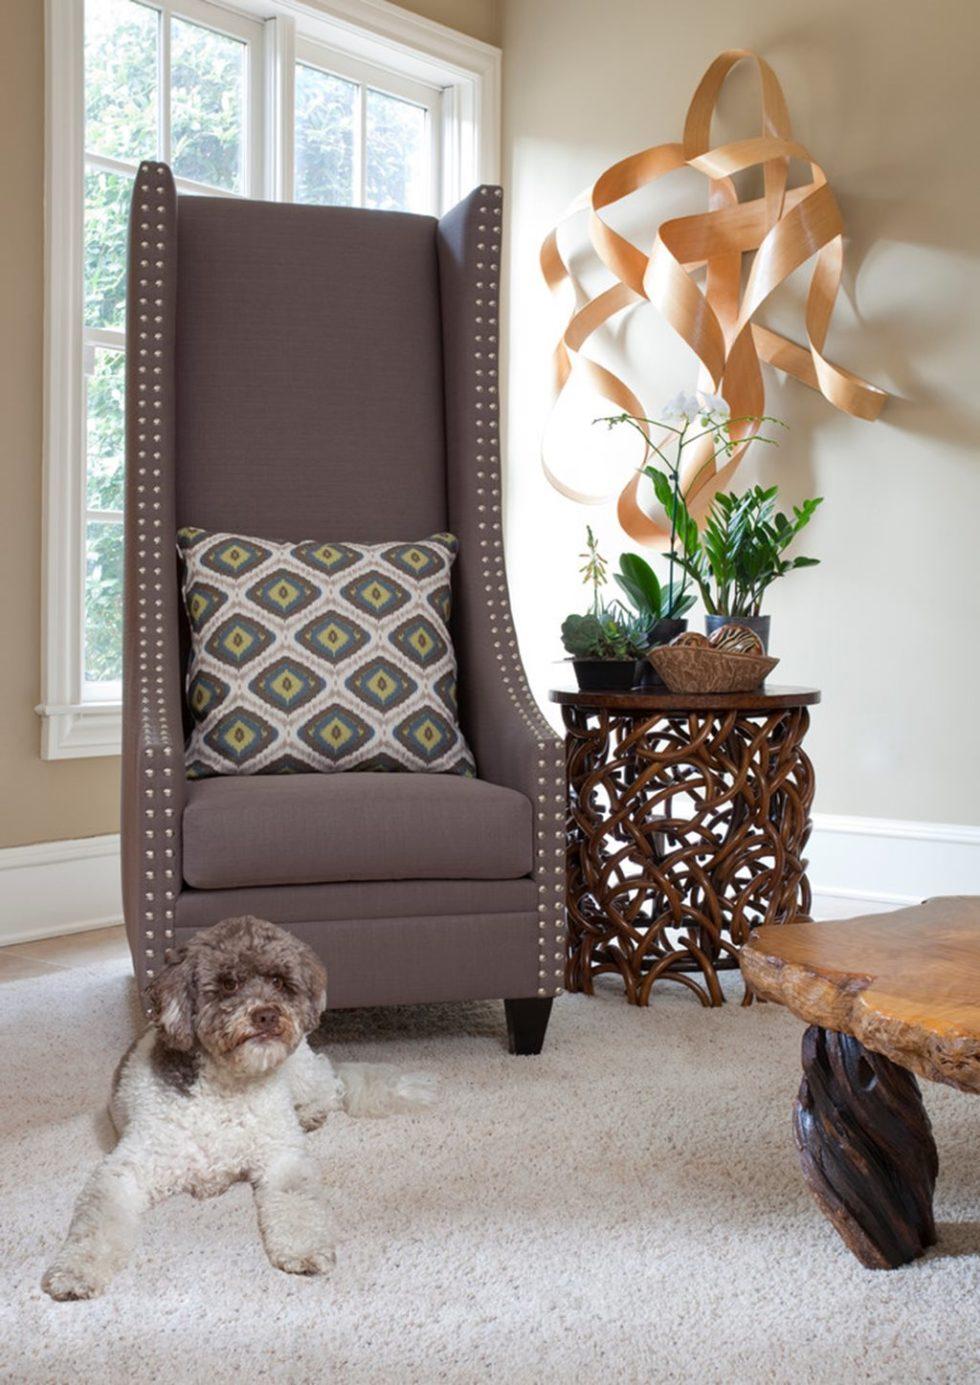 Fusion interior design - furniture